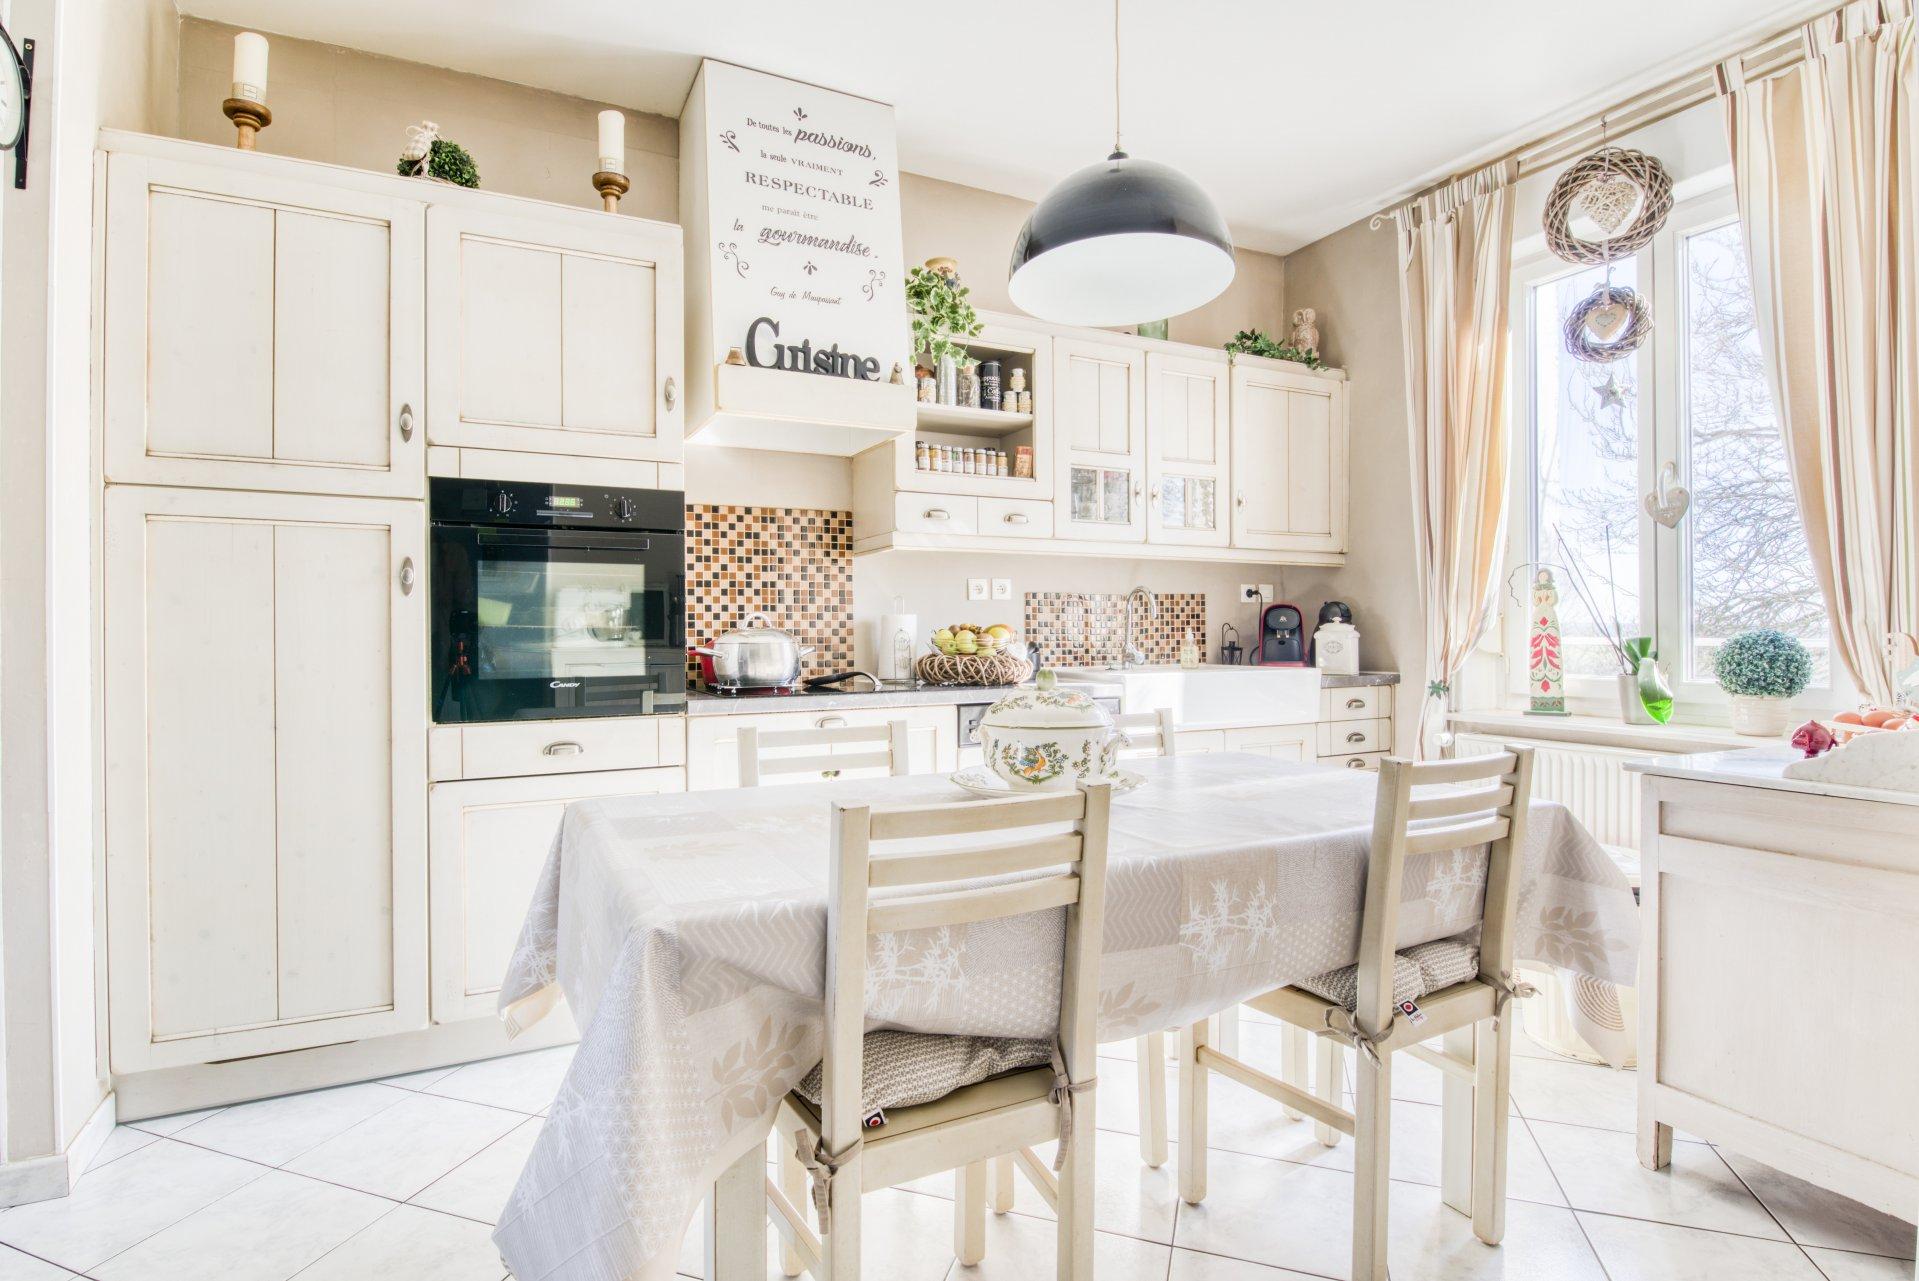 Verkauf Haus - Doncourt-lès-Longuyon